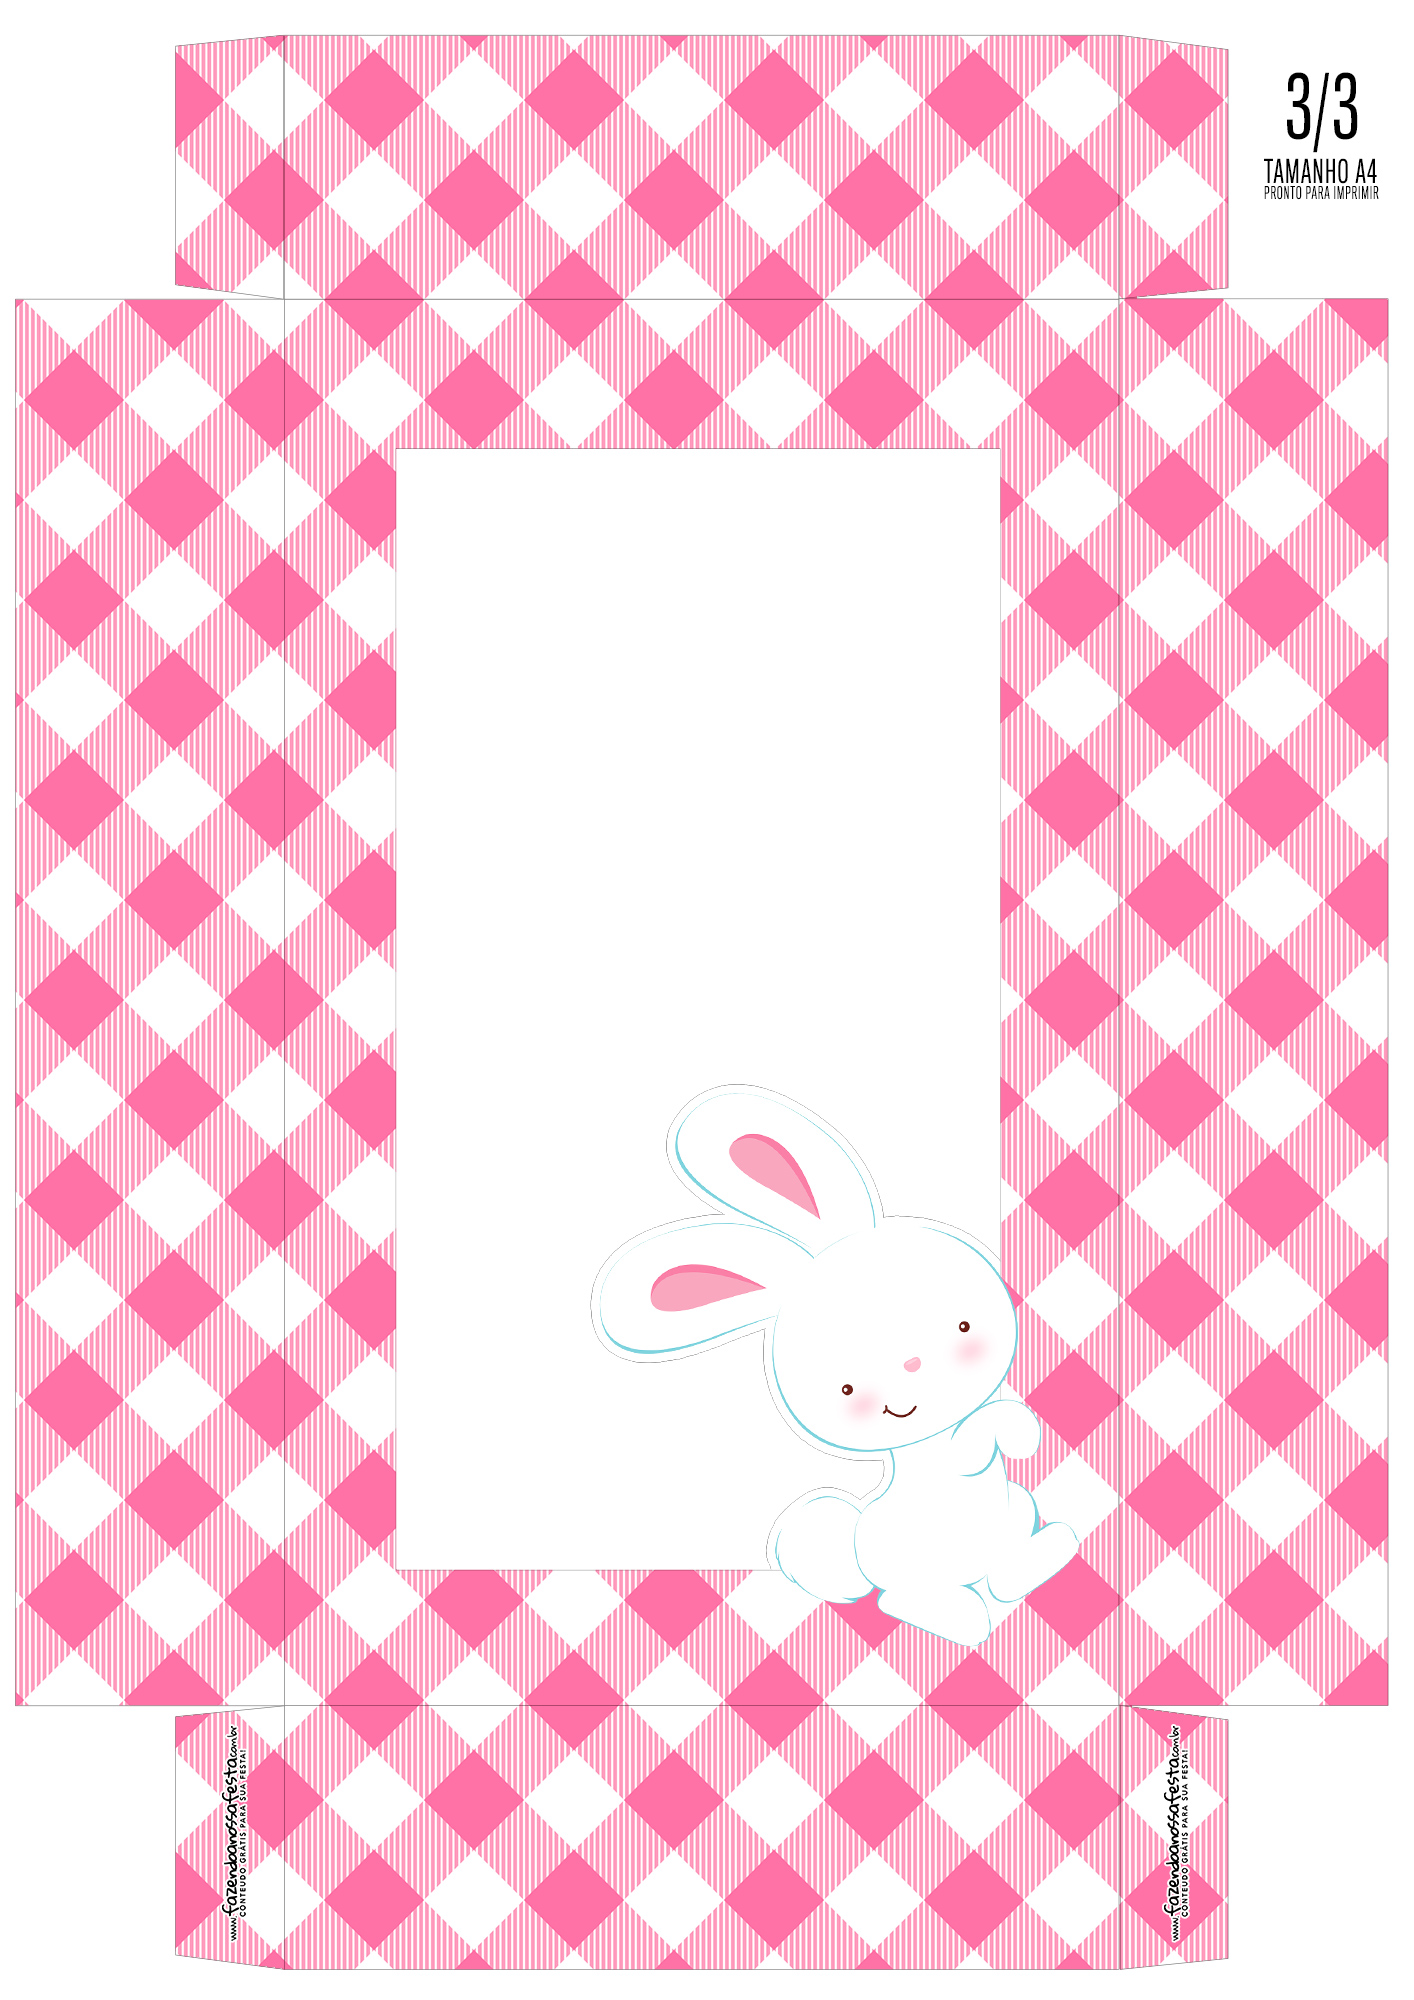 Caixa Ovo de Pascoa 7-1